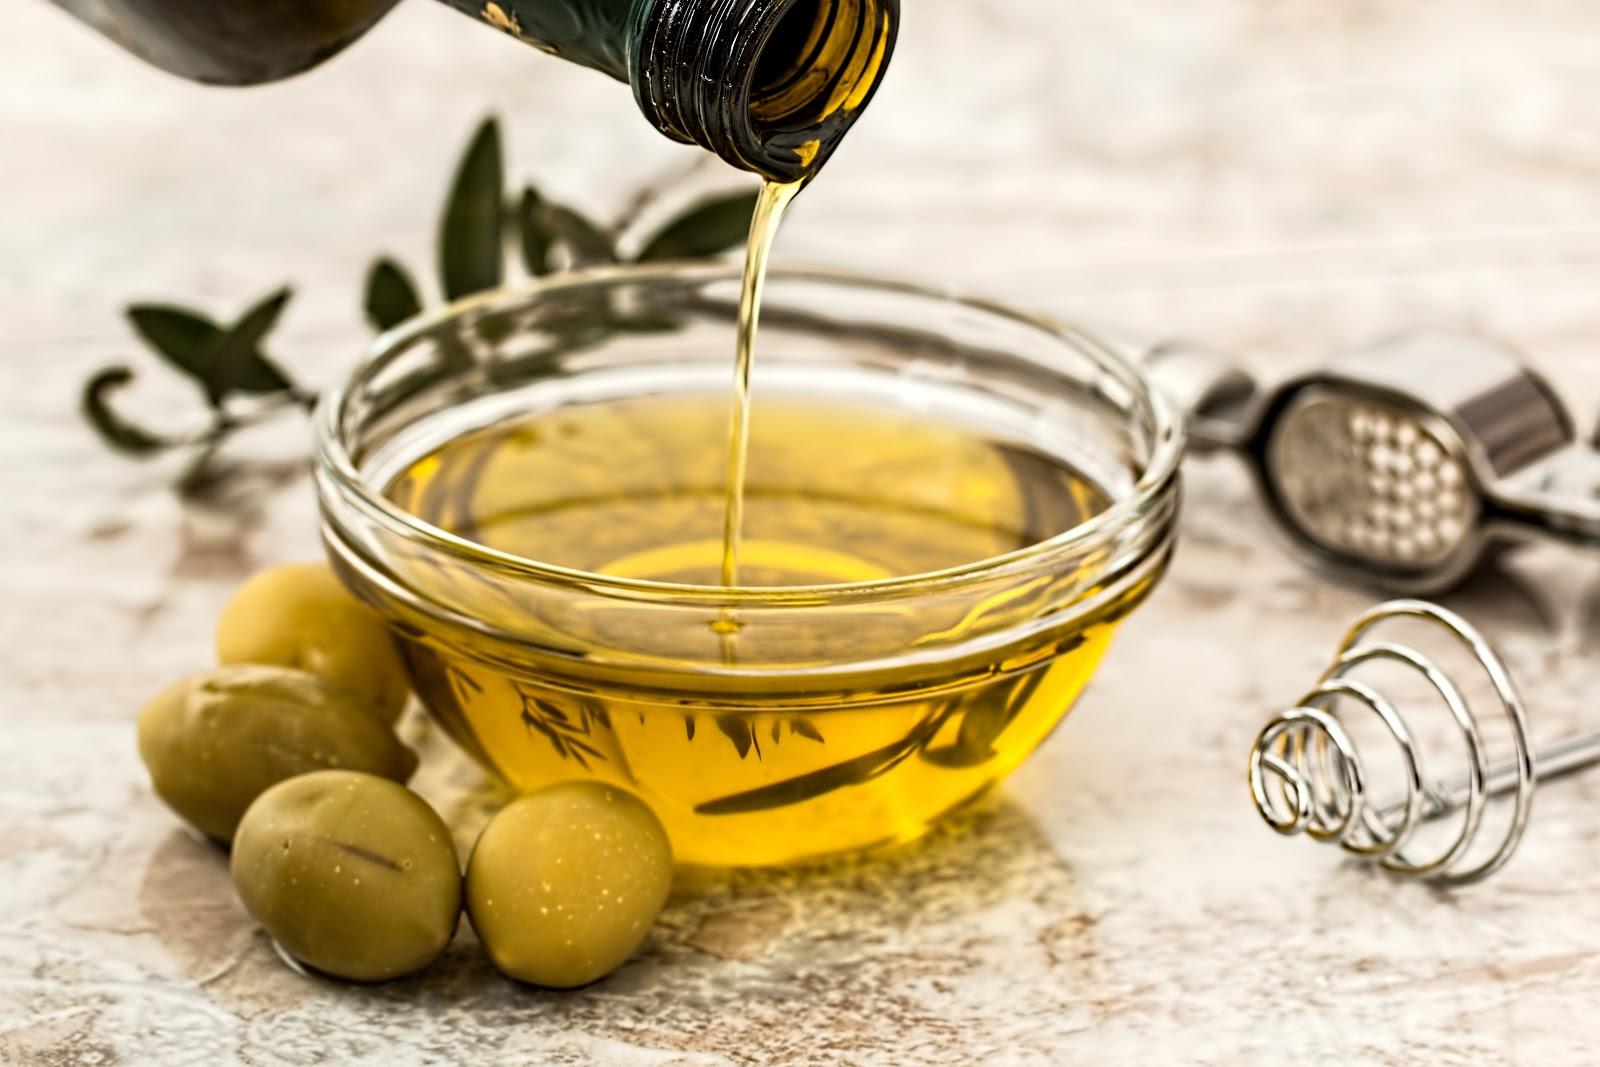 extra-virgin-olive-oil-mediterranean-diet